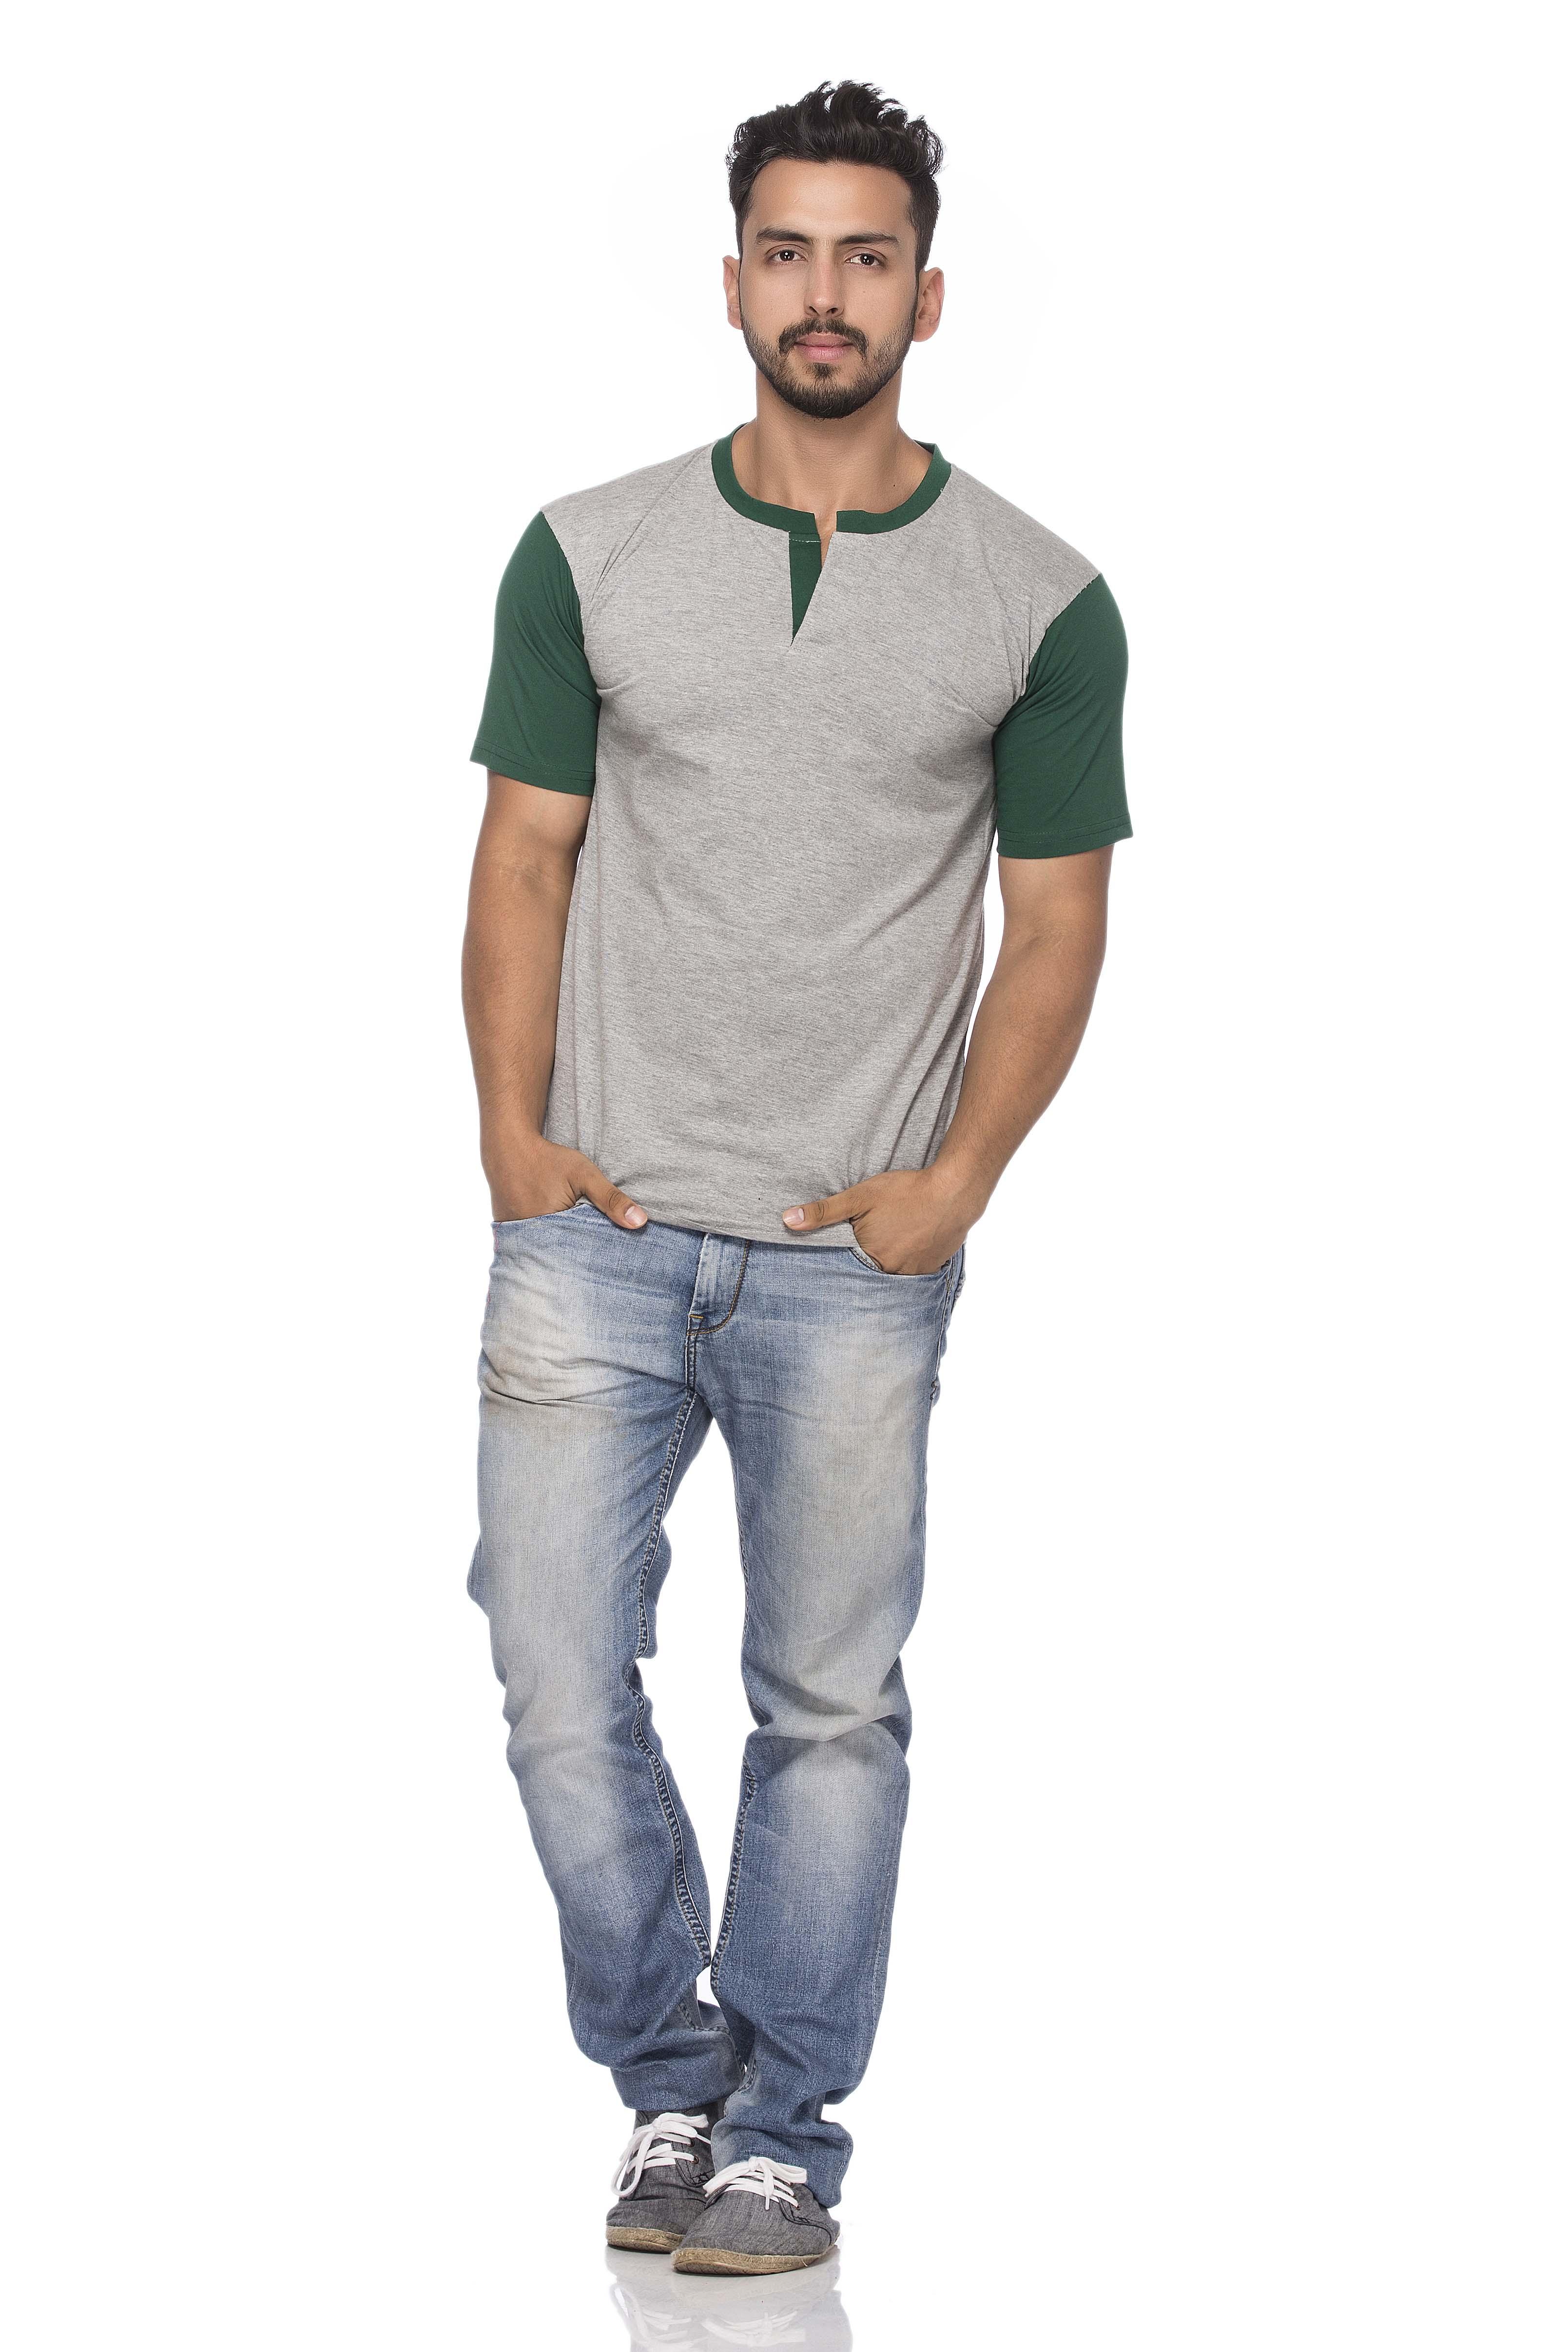 Buy demokrazy half sleeve t shirt for men 31162626 online for Half sleeve t shirts for men